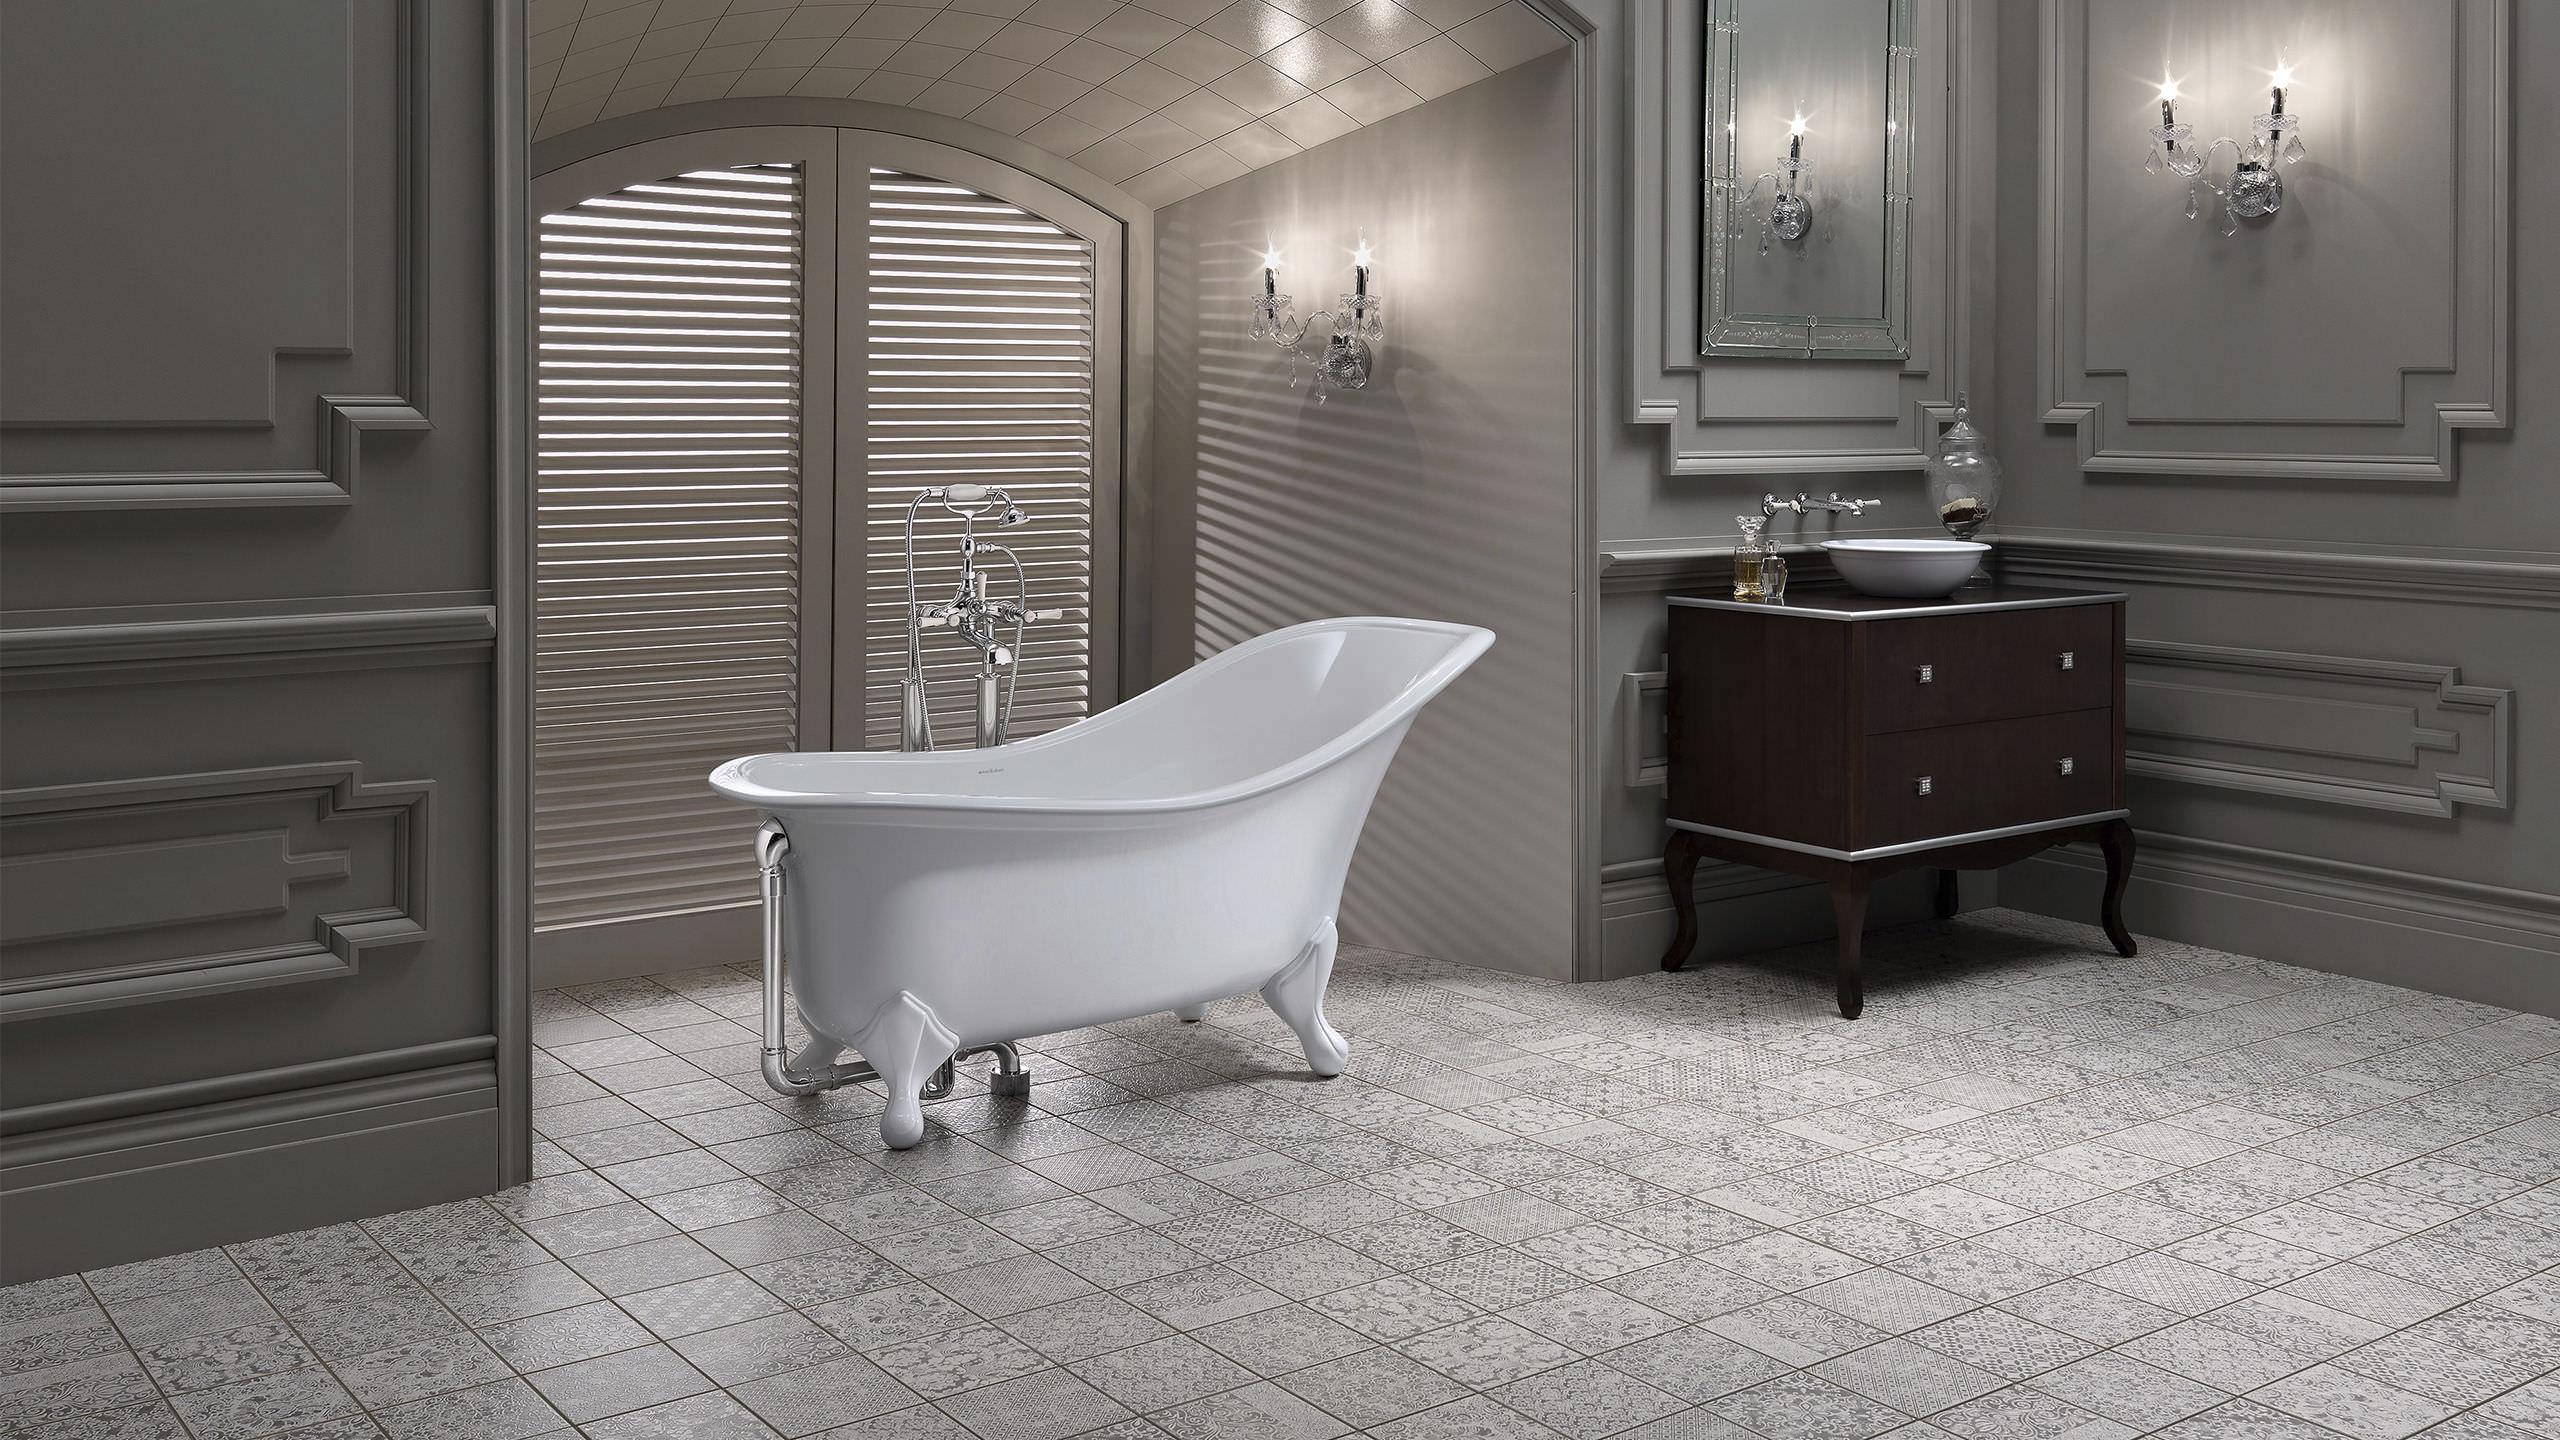 Des conseils pour l'aménagement de salle de bain